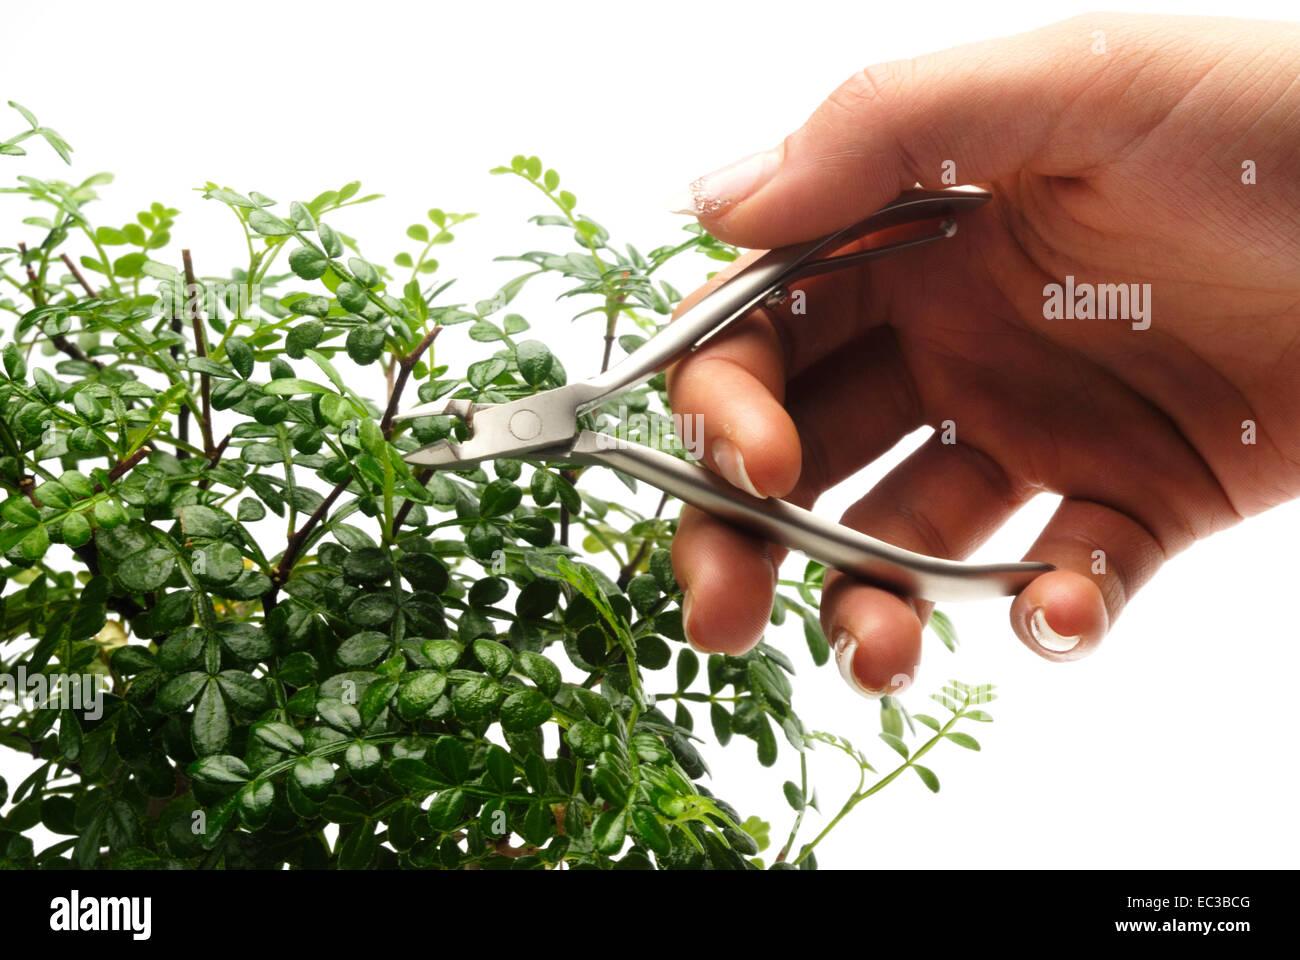 Pflege Von Bonsai Baumen Stockfotos Pflege Von Bonsai Baumen